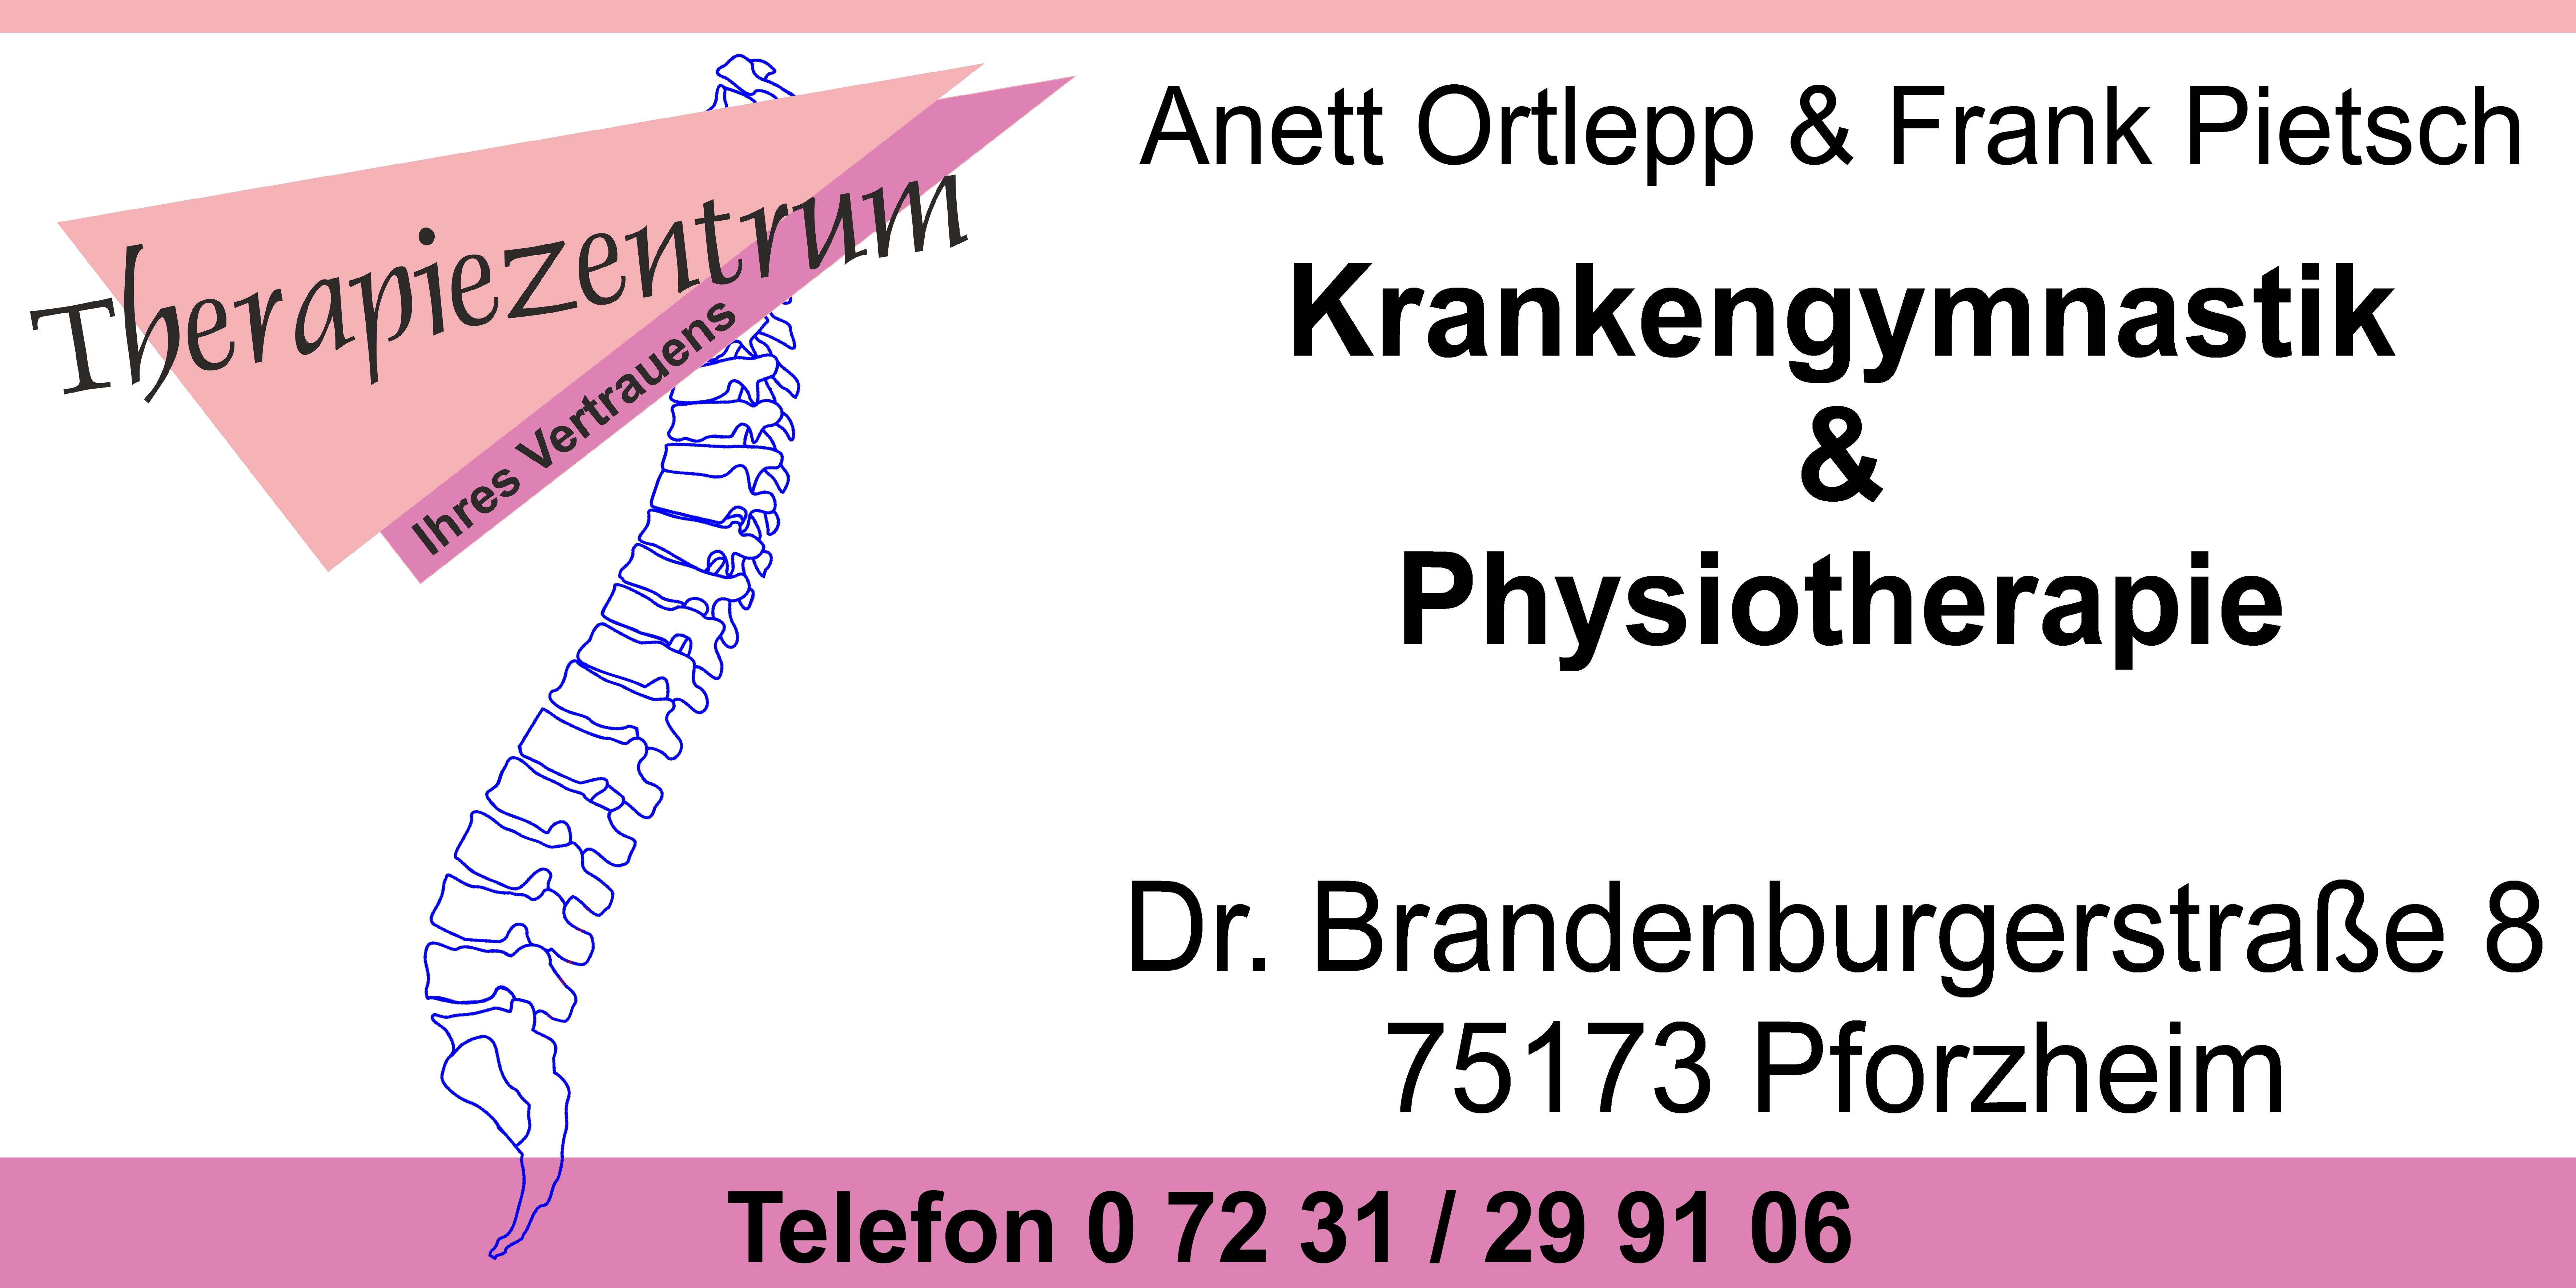 Therapiezentrum Ortlepp&Pietsch